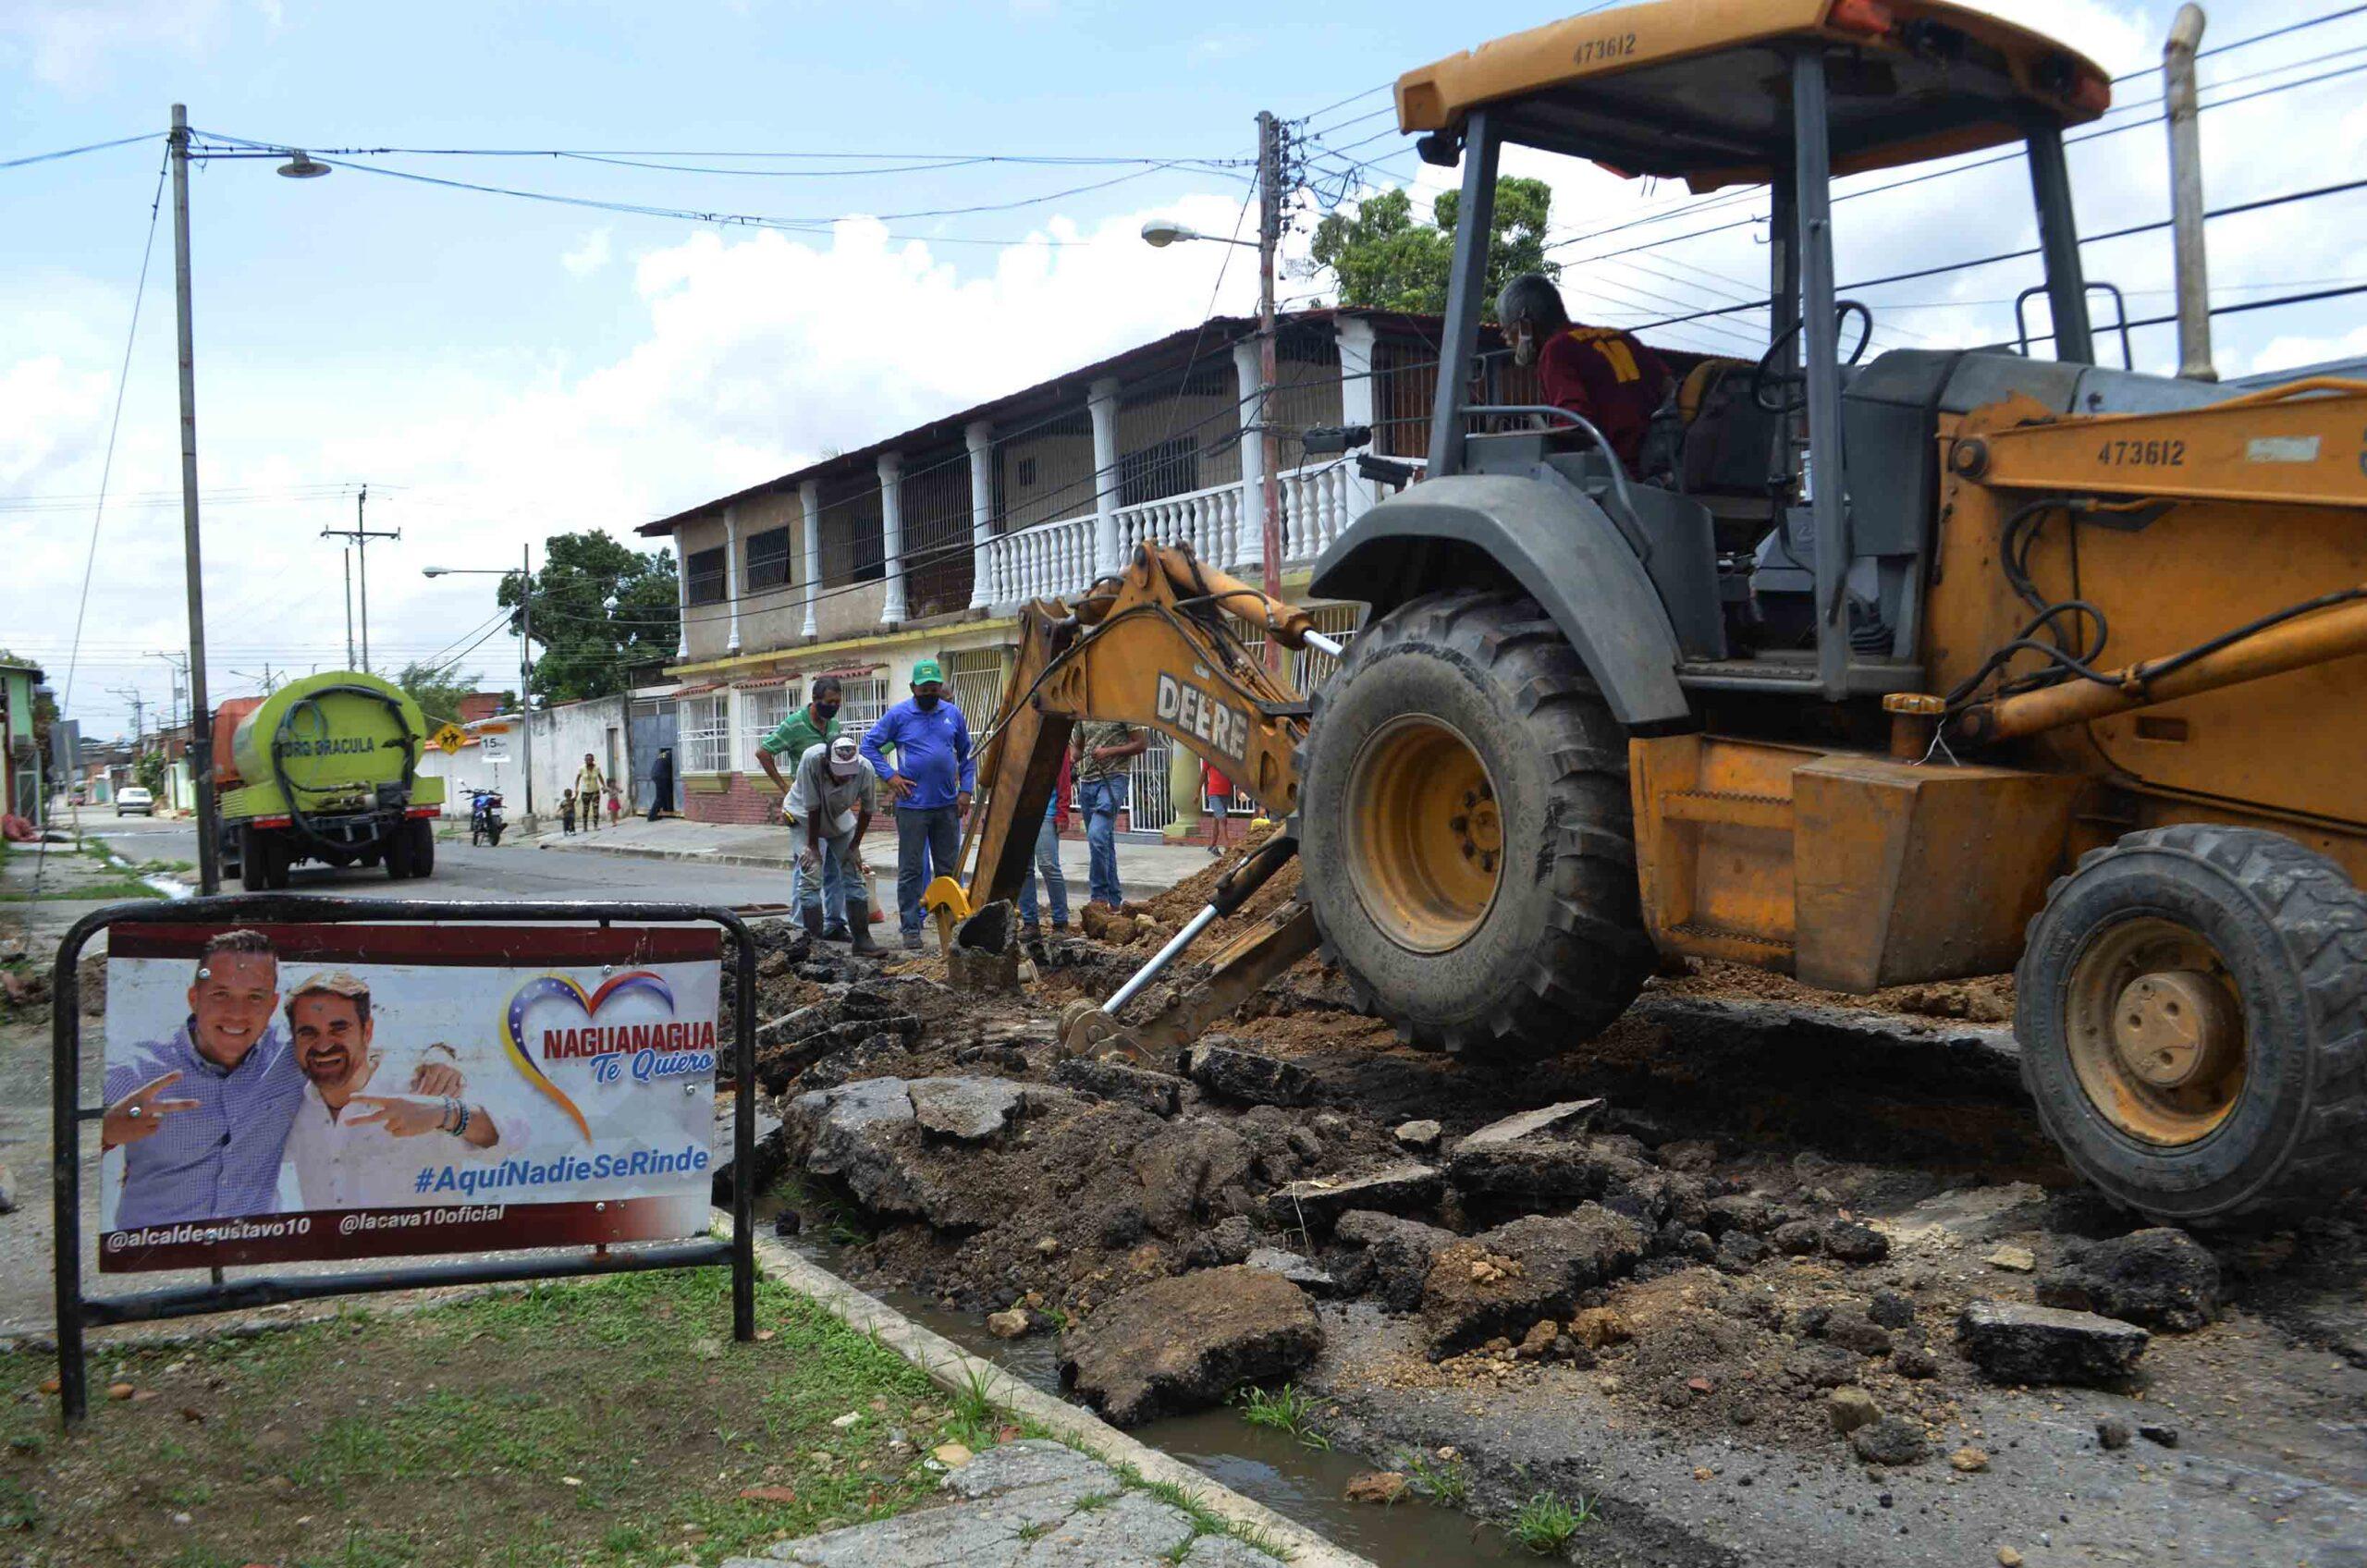 plan de mantenimiento de drenajes en Bárbula - Cmide